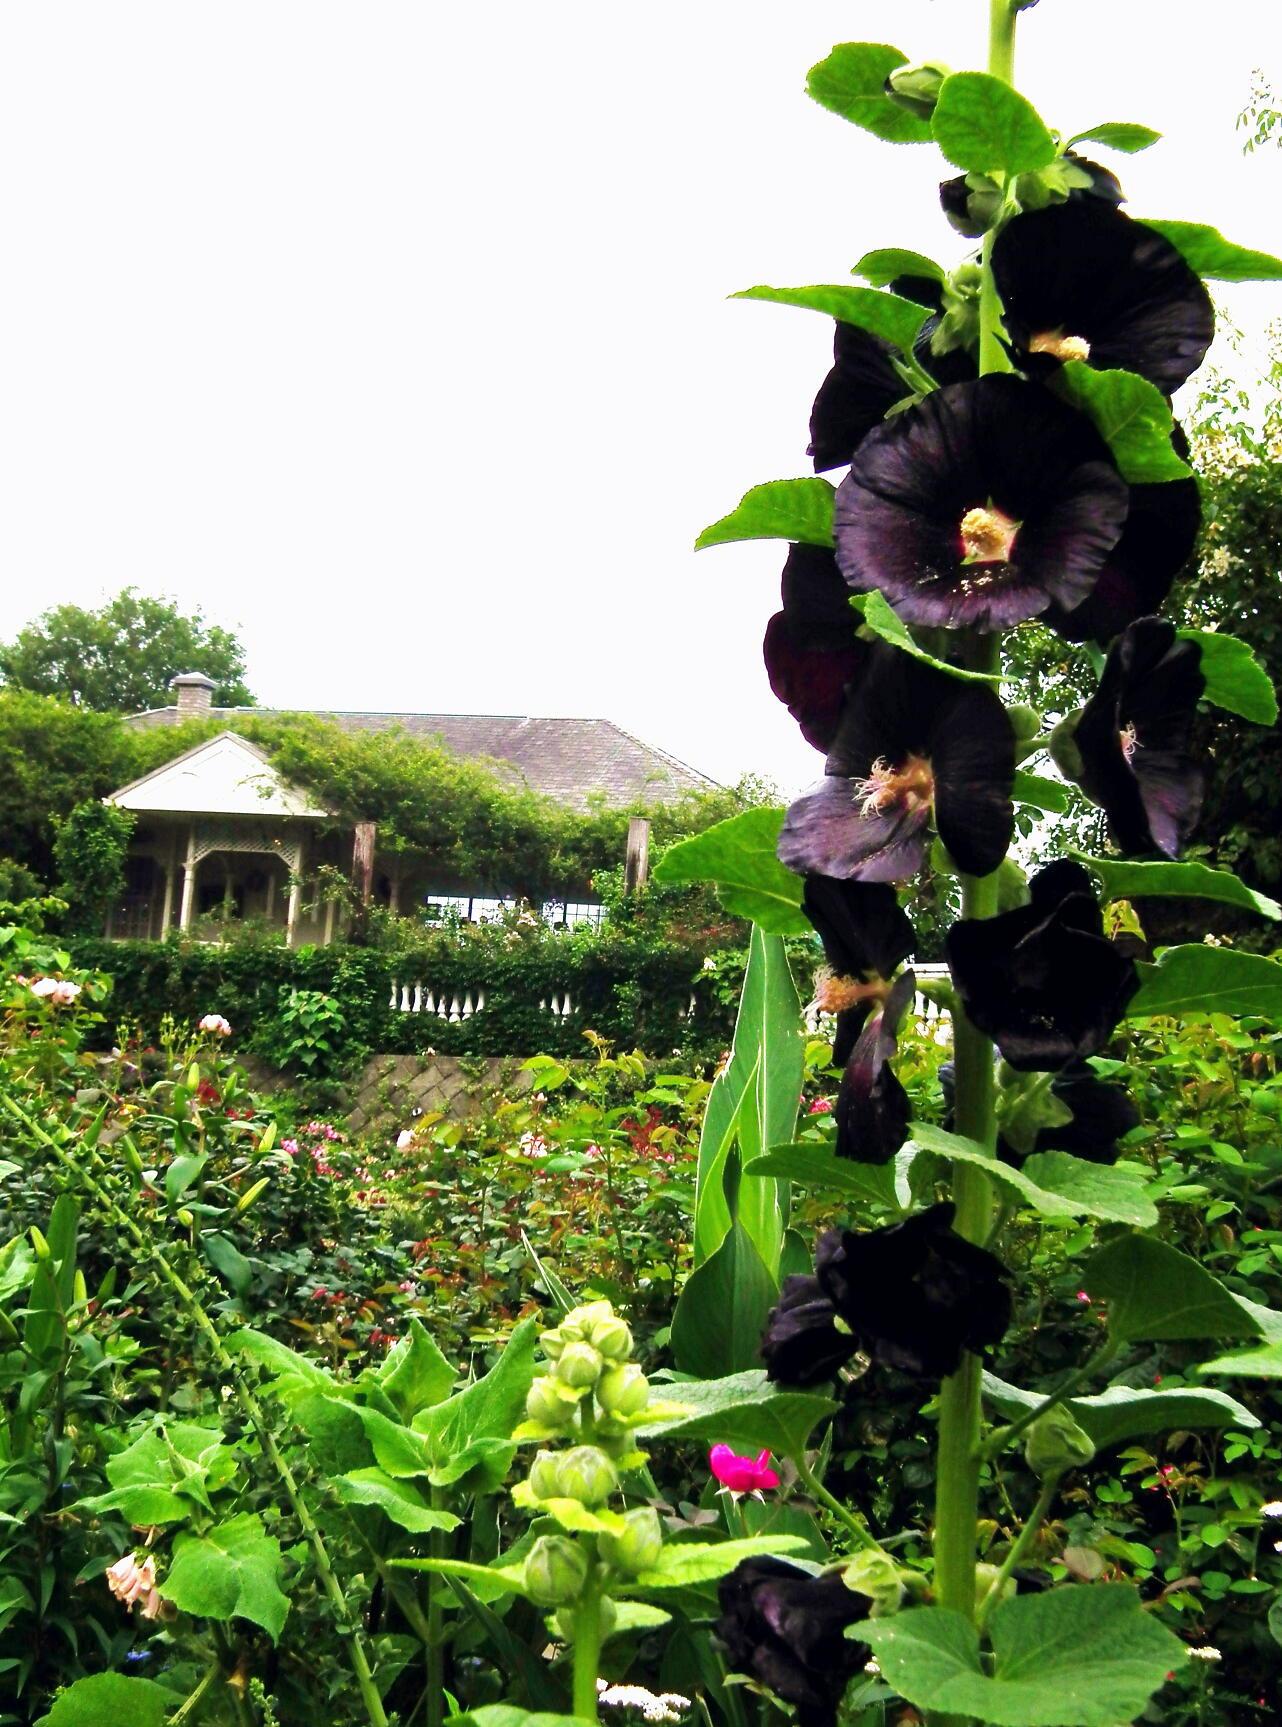 あの庭園に、あの小道の先に…またっ!?_e0064158_23381817.jpg